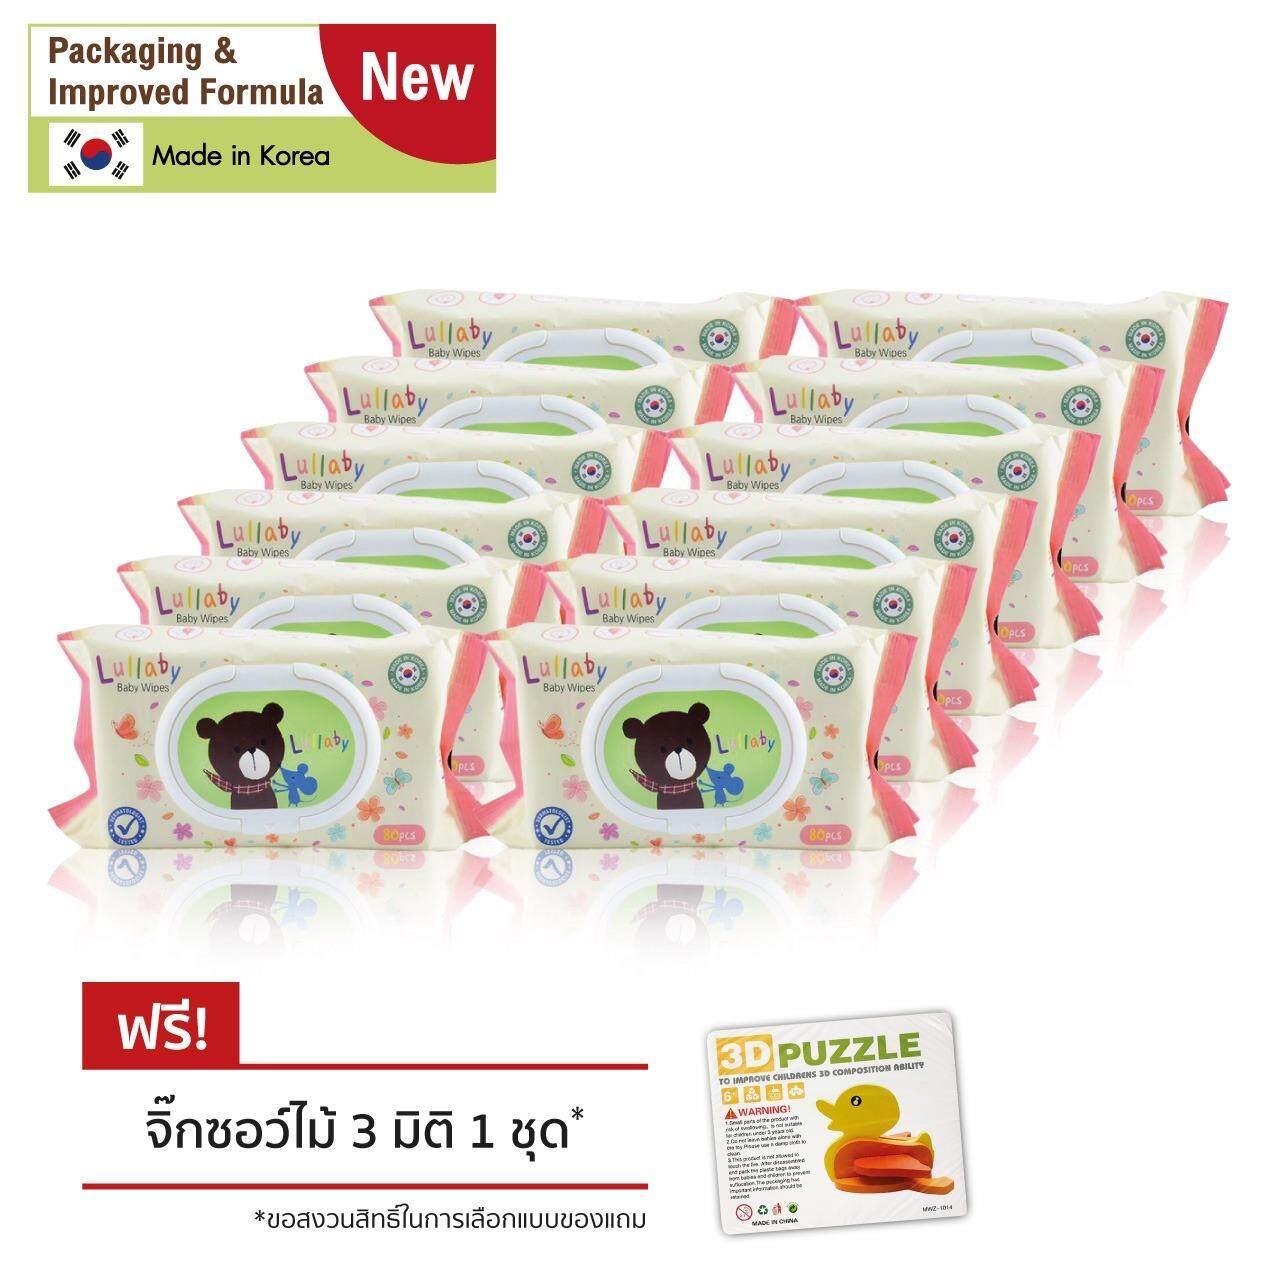 Lullaby baby wipes ทิชชู่เปียกลัลลาบาย แพคเกจจิ้งใหม่ จำนวน80แผ่น โปรโมชั่น ซื้อ 6 แพ็ค ฟรี 6 แพ็ค ราคา 839 บาท